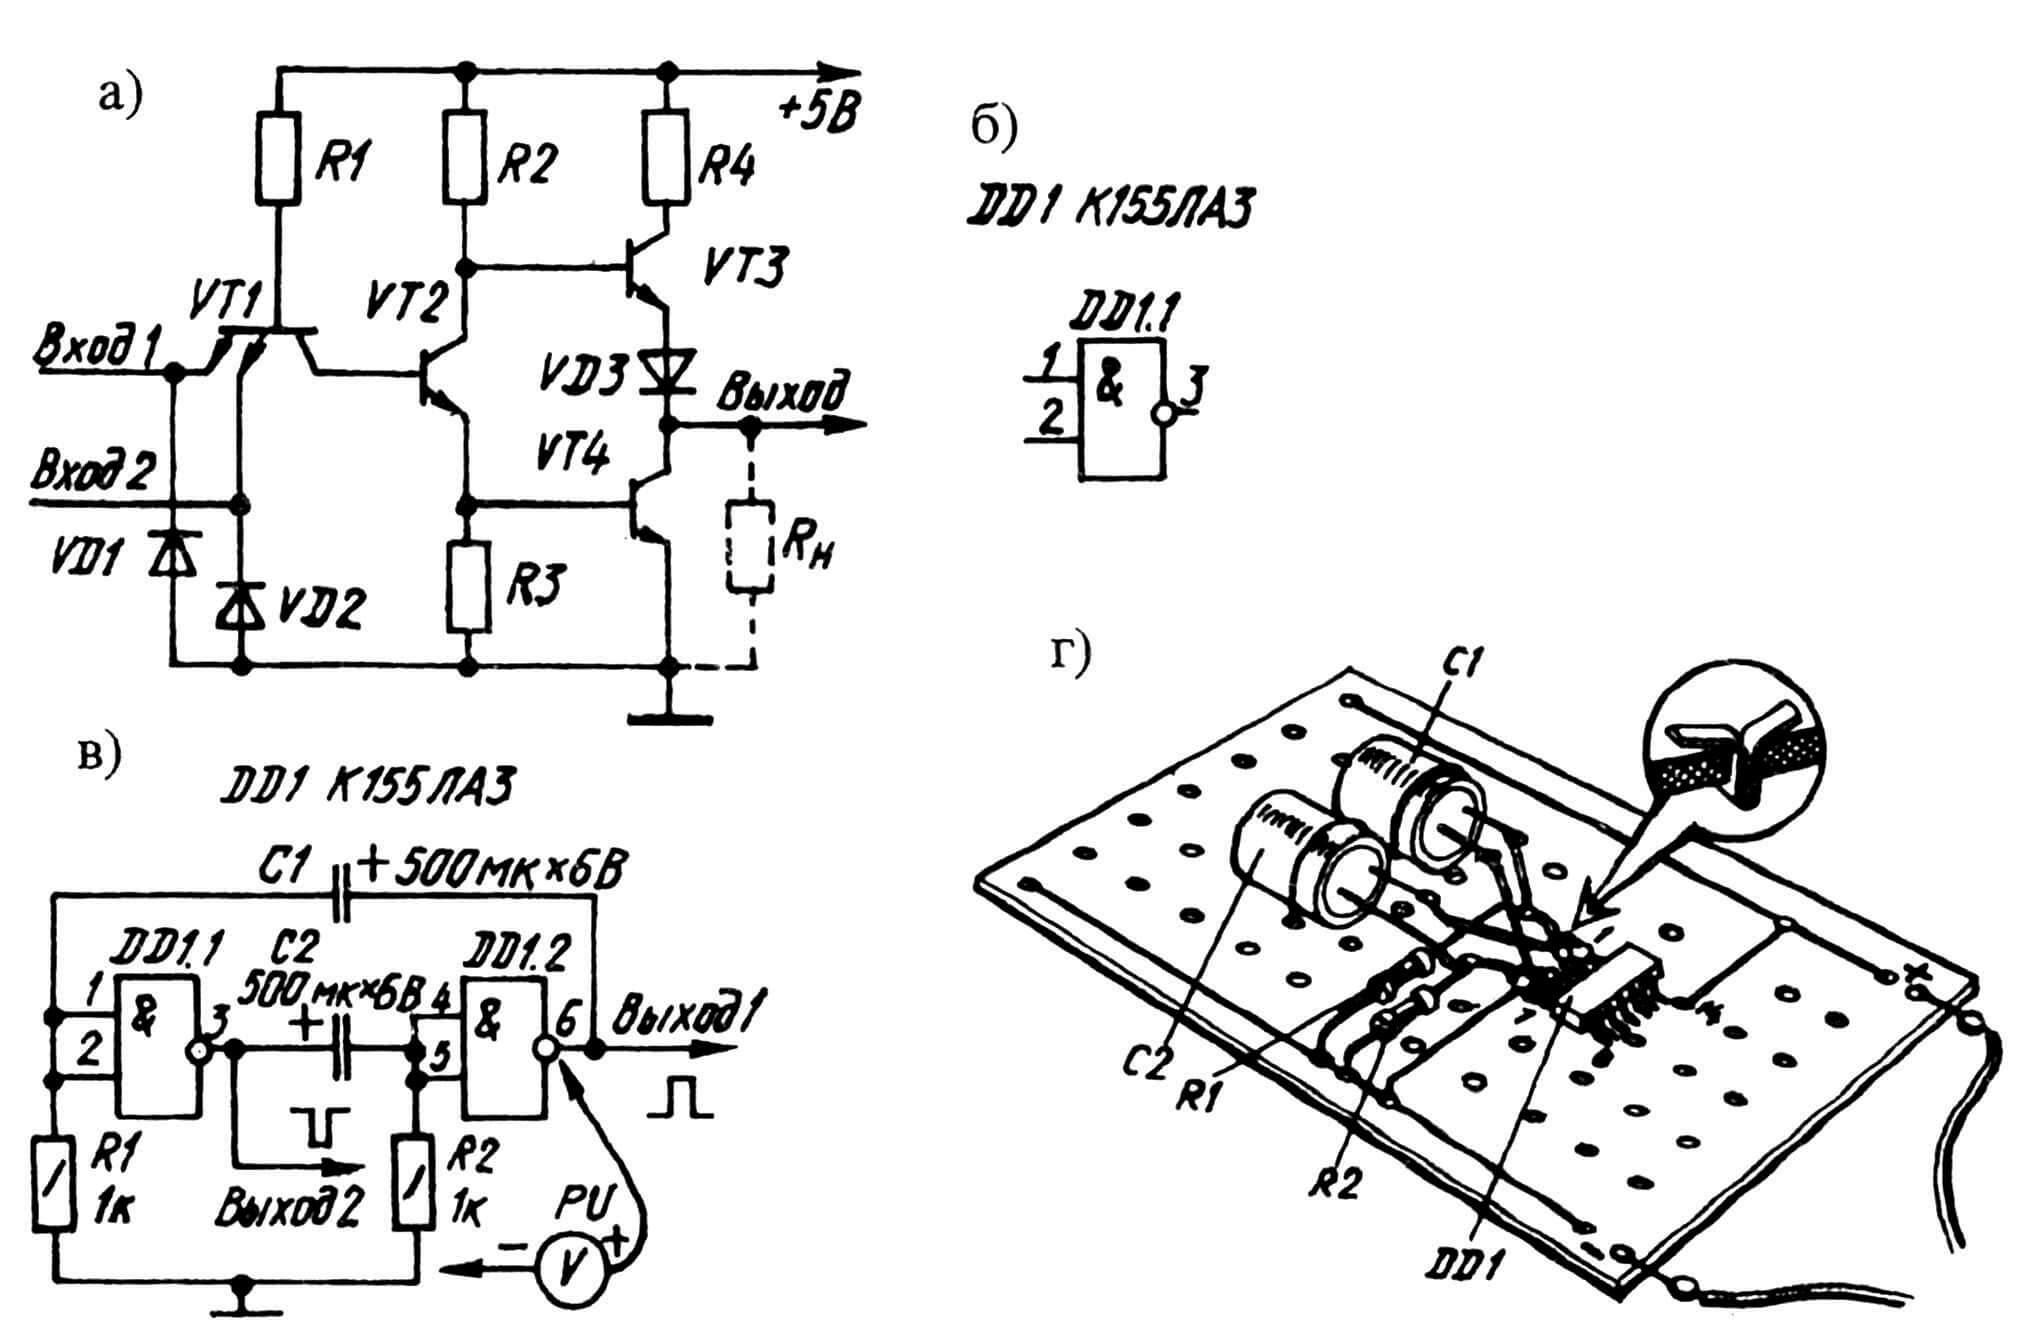 Рис. 1. Электронная «начинка» логического элемента 2И-НЕ (а) МС К155ЛАЗ и его условное графическое обозначение (б), а также выполненная на двух 2И-НЕ принципиальная электрическая схема автоколебательного мультивибратора (в) и последующие эксперименты с ней на монтажной плате (г).